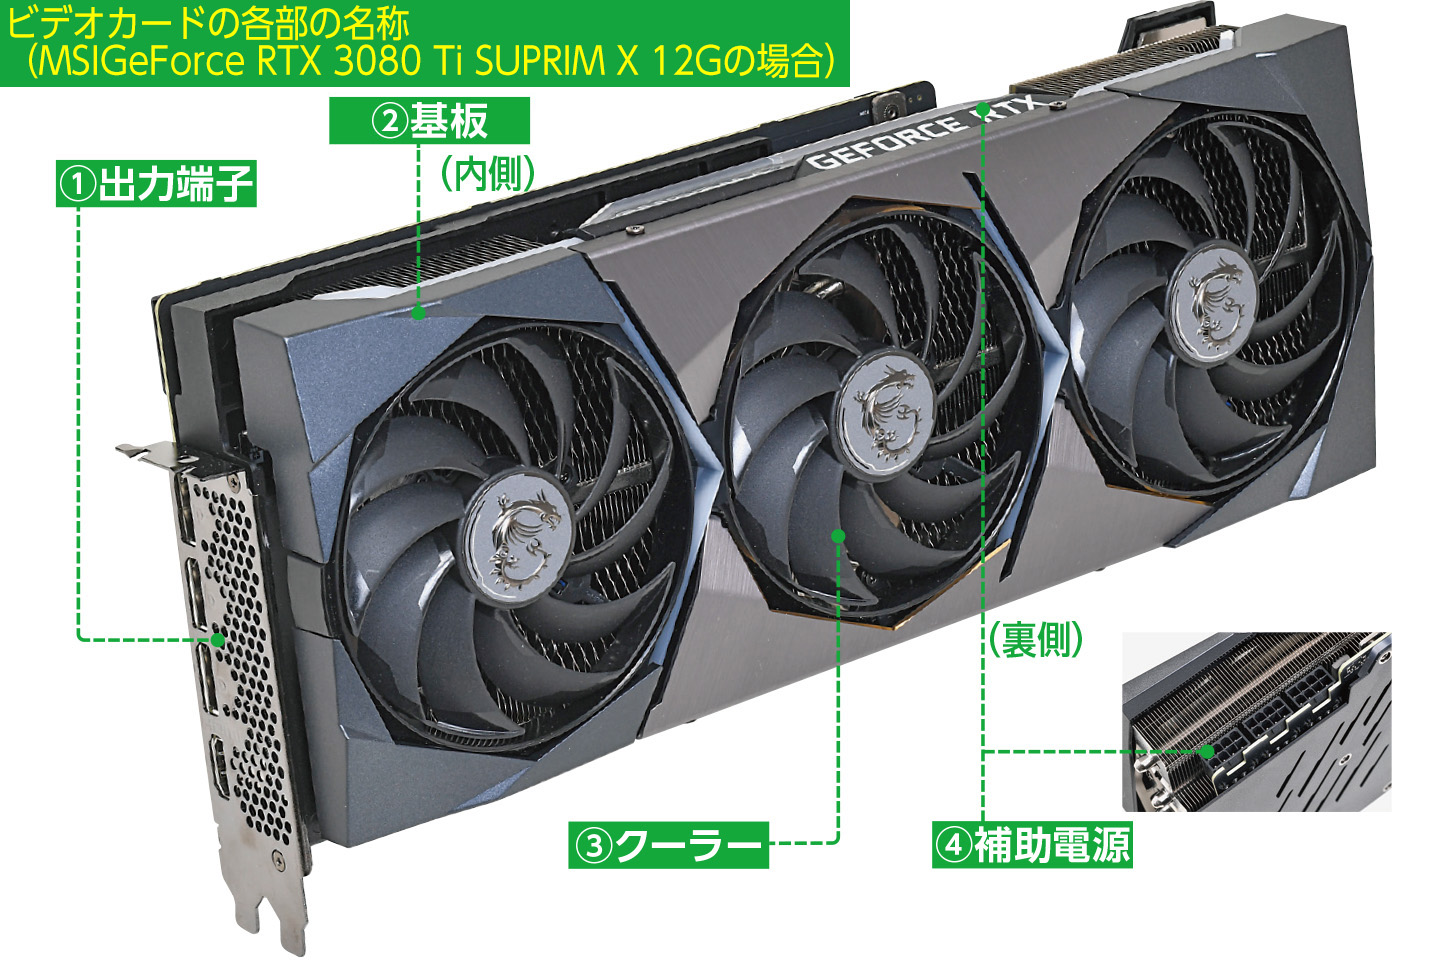 ビデオカードの基本構造。グレードによってデザインやファンの数、サイズは異なってくるが、基本は大きくは変わらない。写真はMSI「GeForce RTX 3080 Ti SUPRIM X 12G」